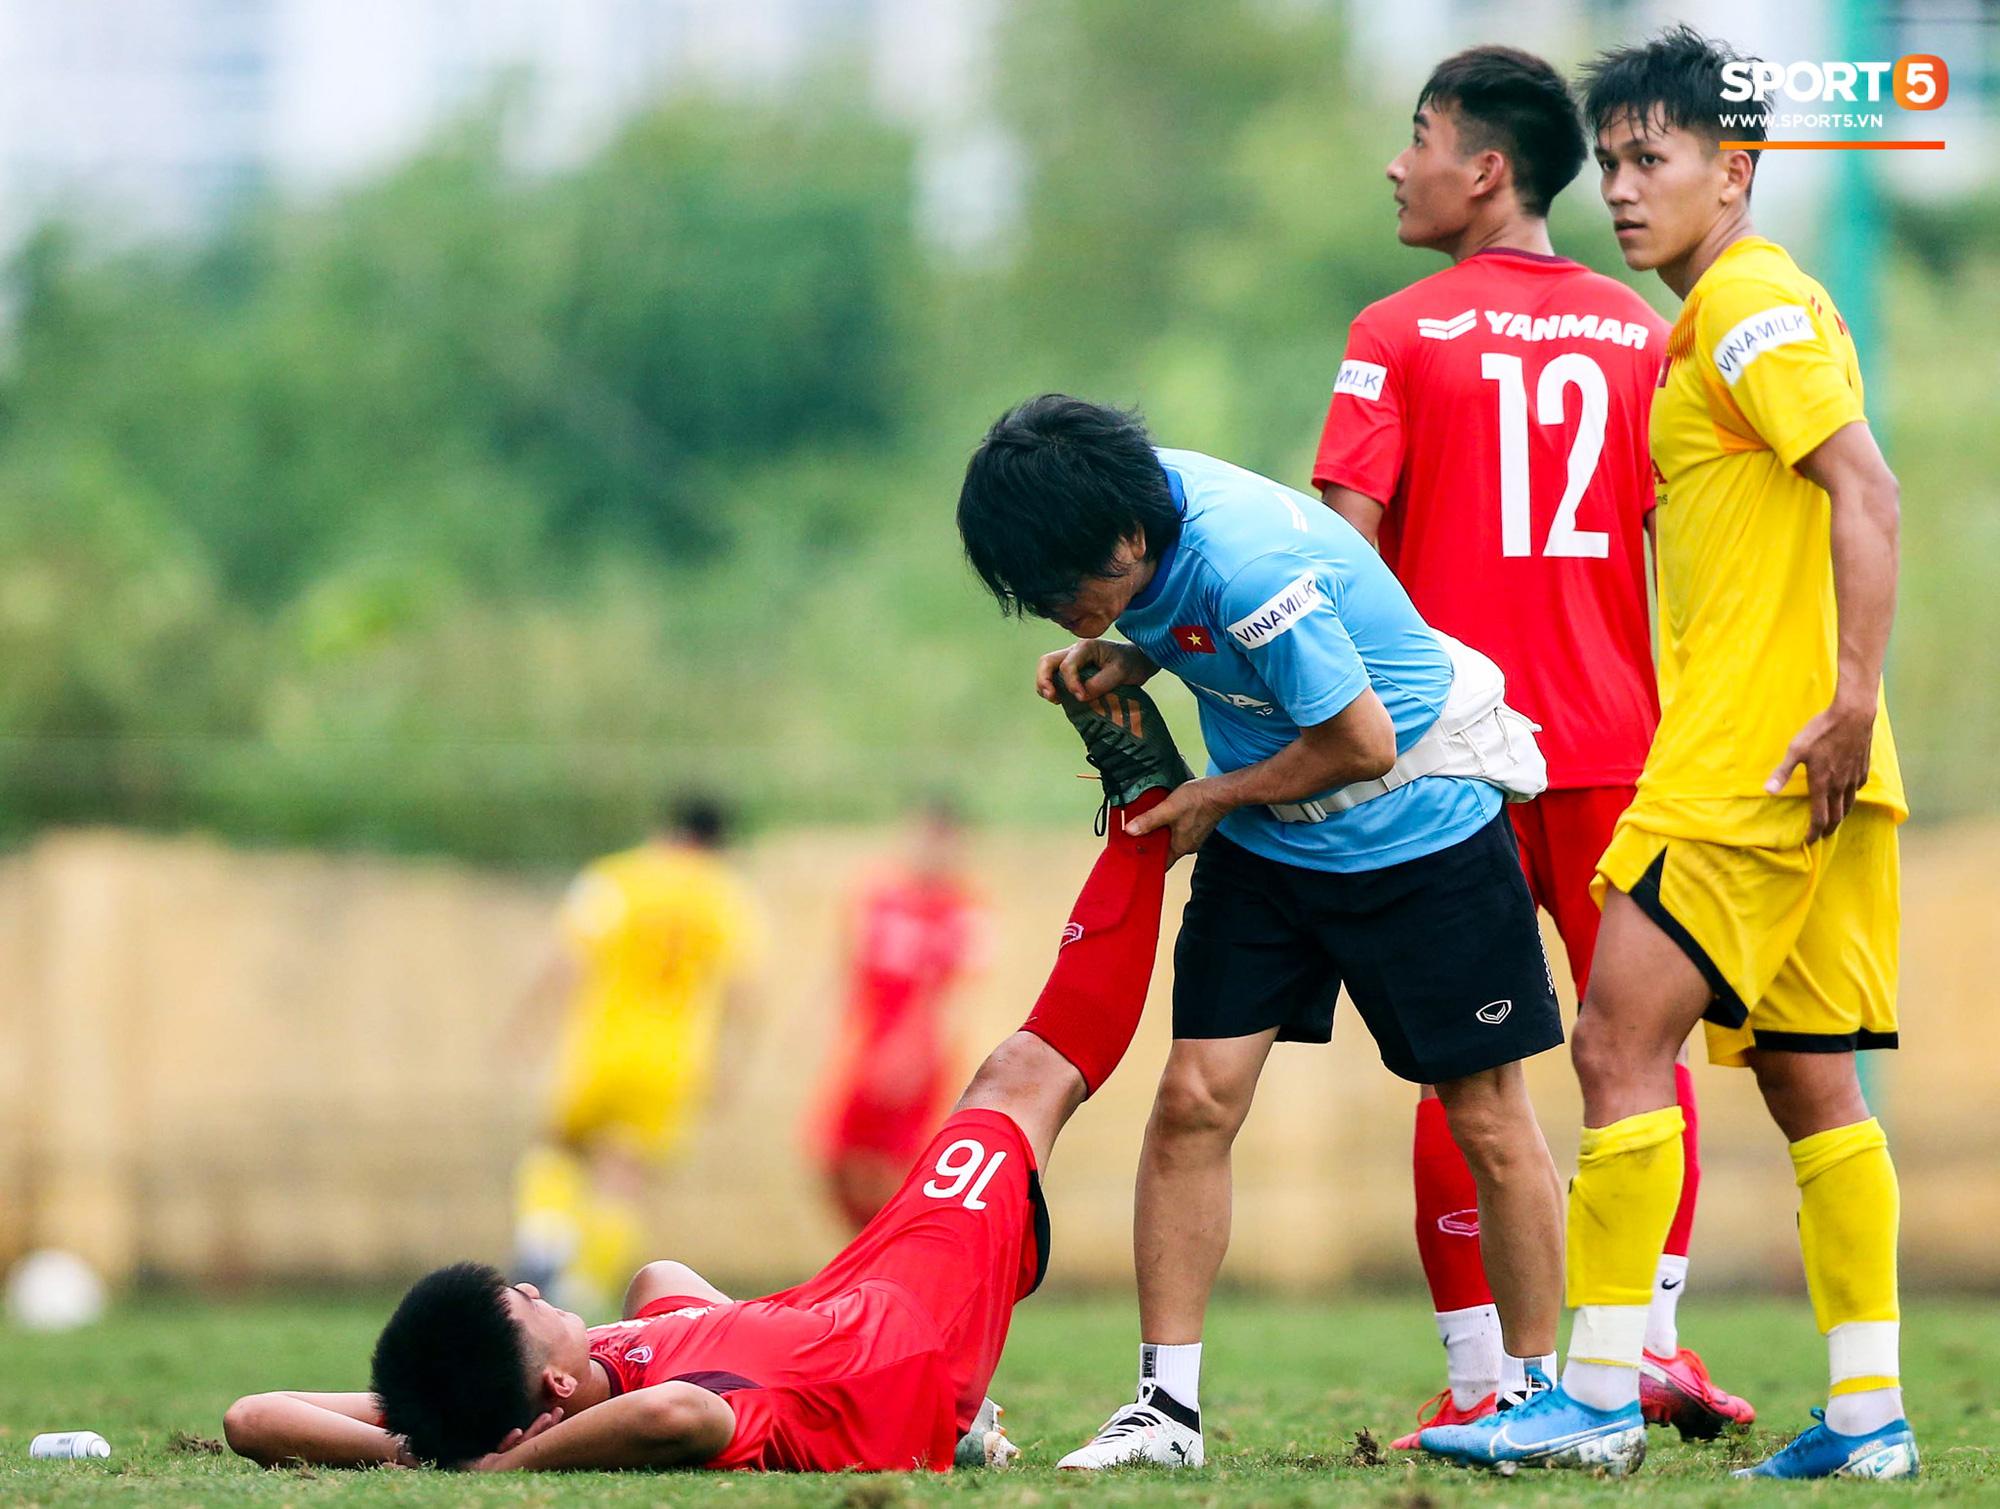 Lứa đàn em Quang Hải lộ hình ảnh yếu như sên sau bài kiểm tra đơn giản của HLV Park Hang-seo - Ảnh 5.